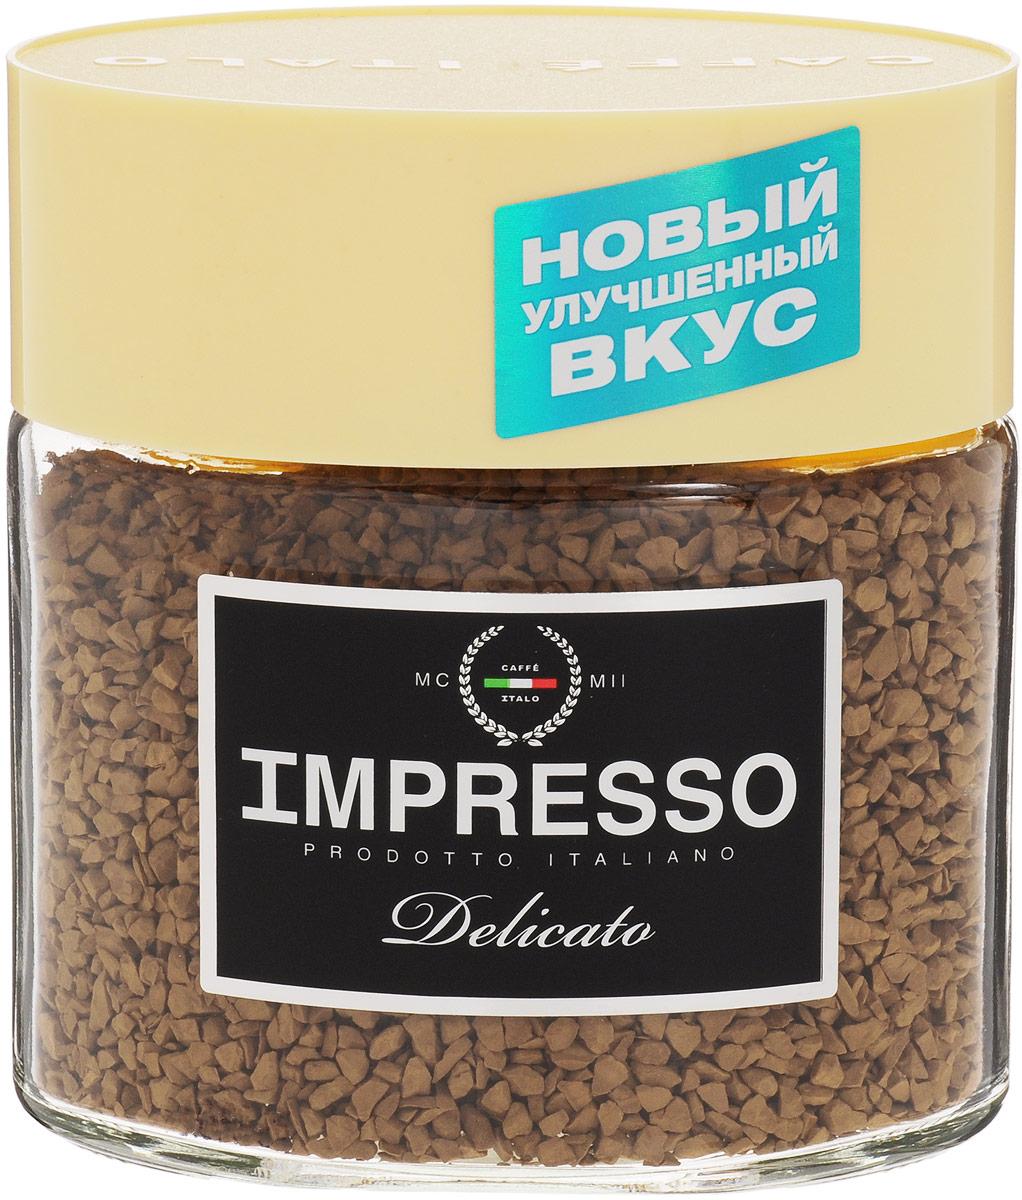 Impresso Delicato кофе растворимый, 100 г (банка)8057288870025Impresso Delicato - настоящий итальянский кофе, который восхищает полнотой вкуса и быстротой приготовления. В купаж кофе вошли сорта арабики из Бразилии и Ямайки с деликатным насыщенным вкусом. Уважаемые клиенты! Обращаем ваше внимание на то, что упаковка может иметь несколько видов дизайна. Поставка осуществляется в зависимости от наличия на складе.